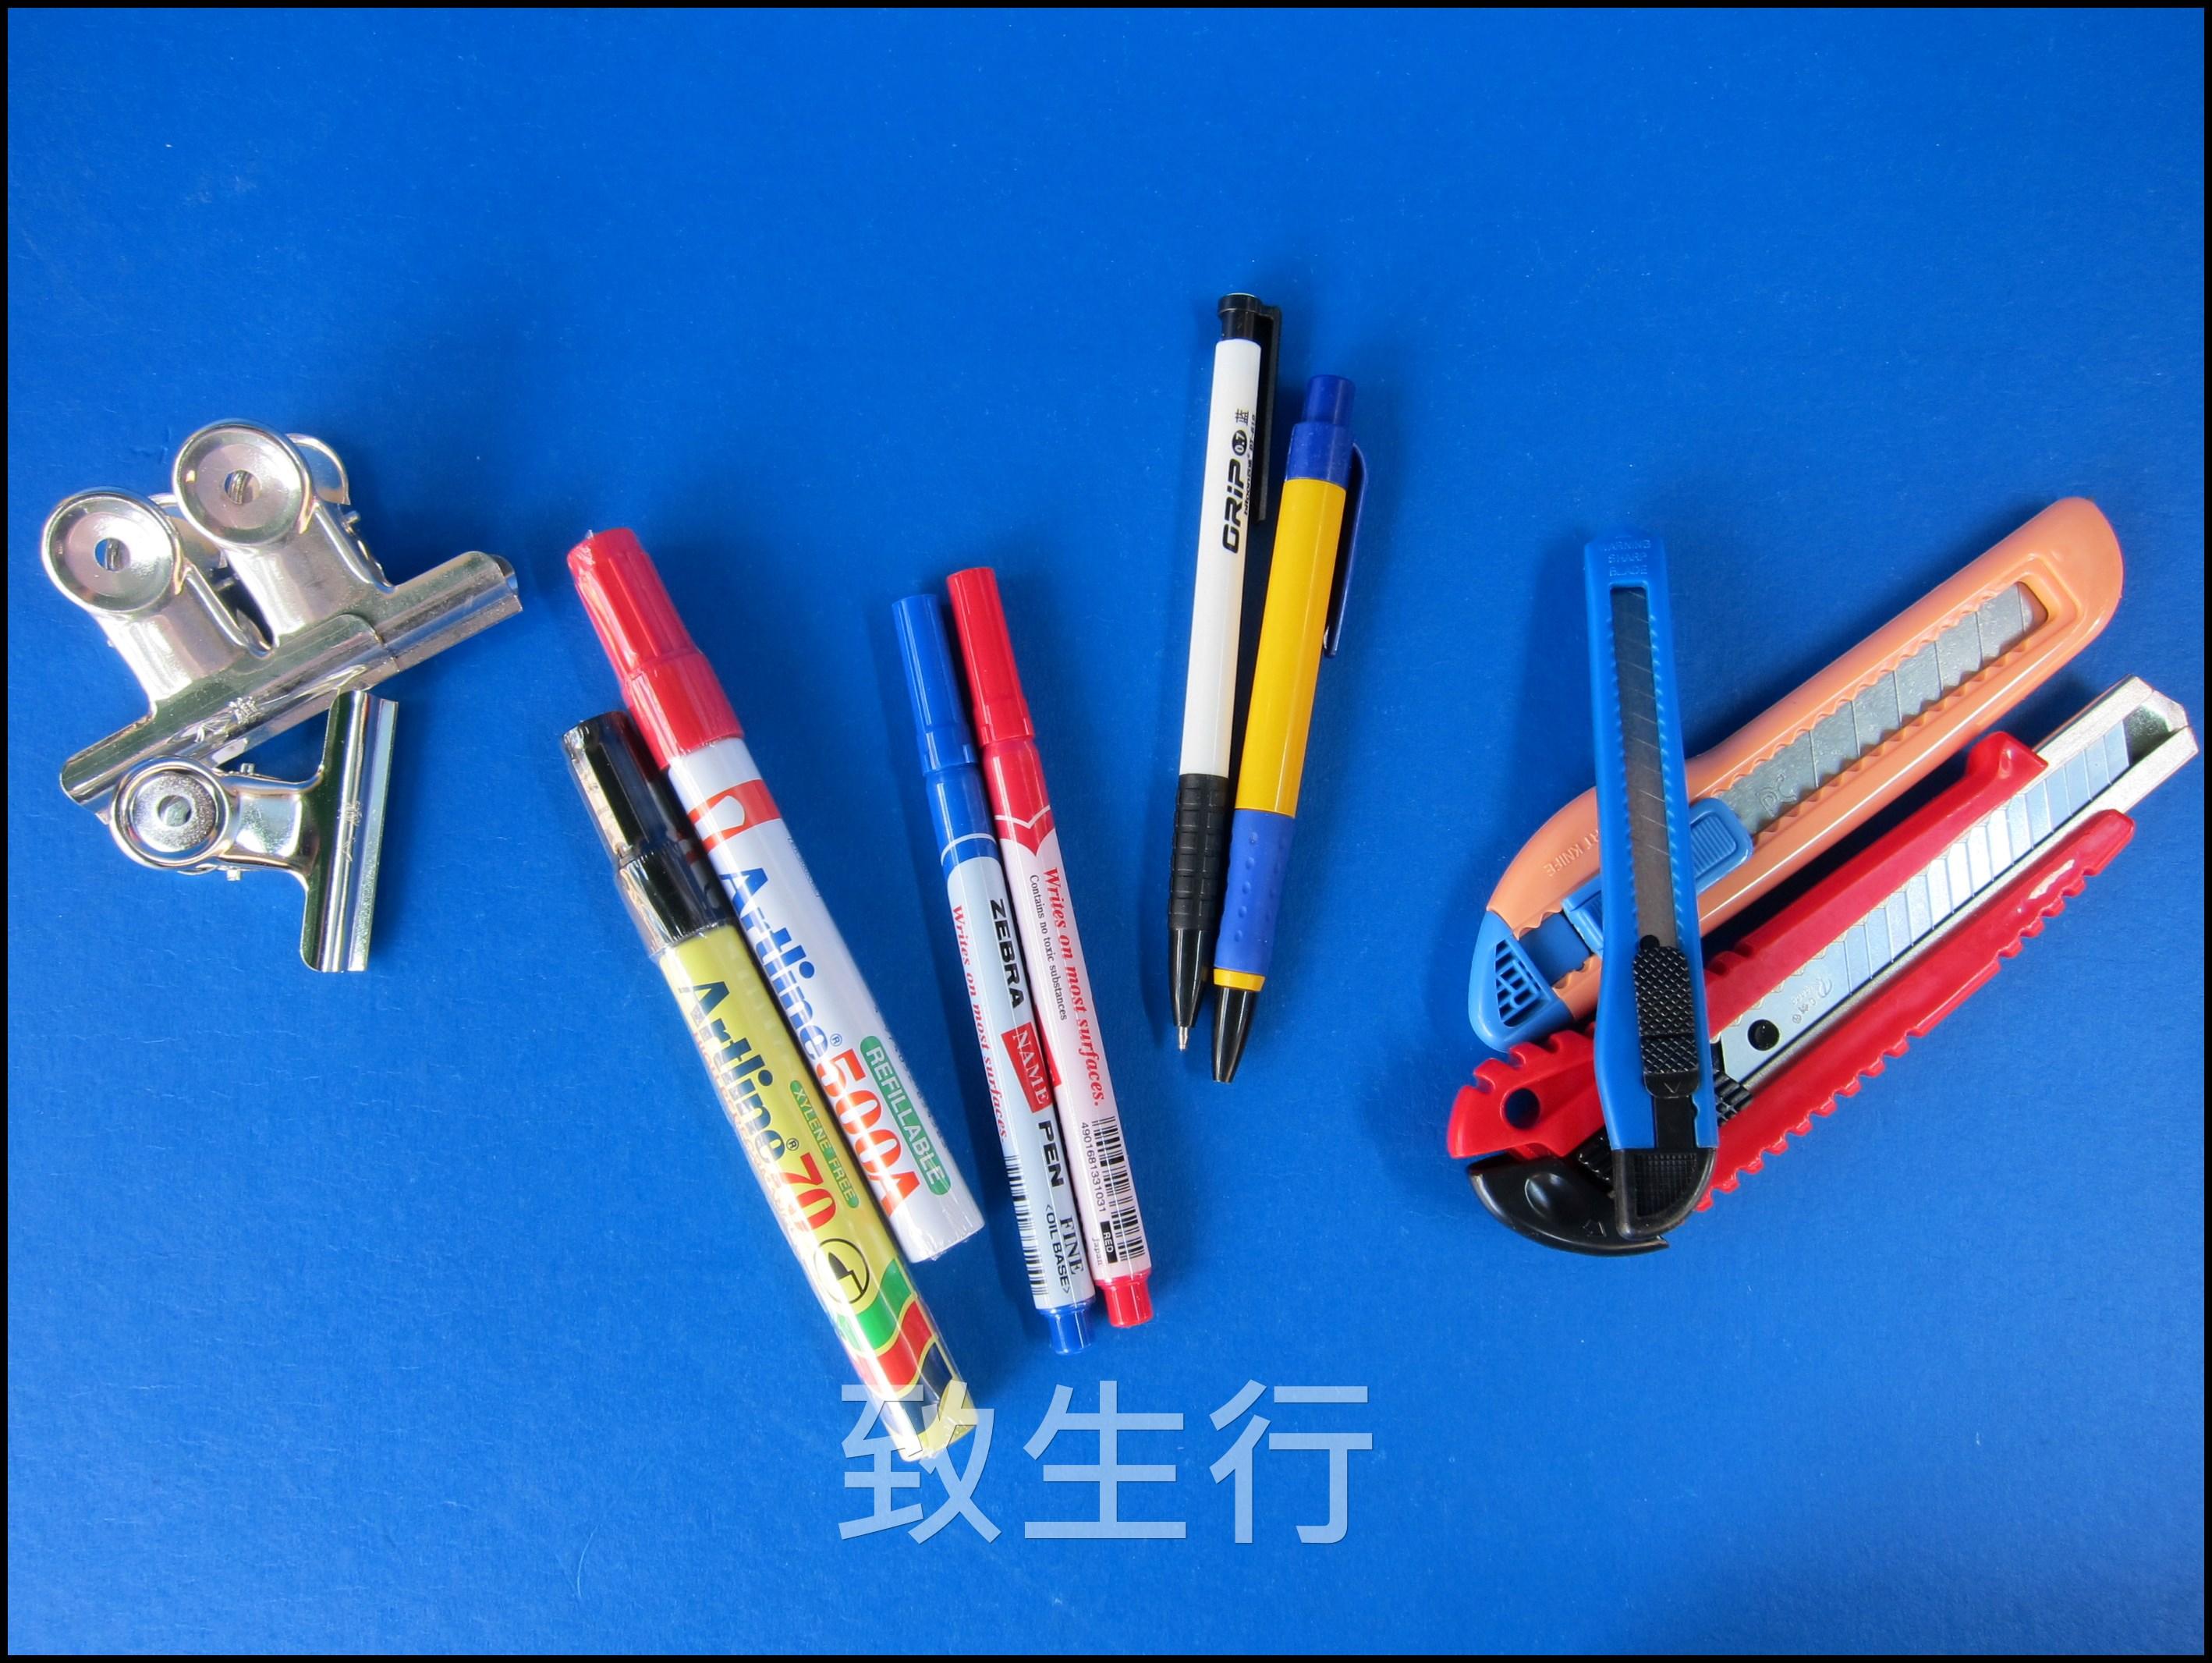 箱頭筆, 界刀